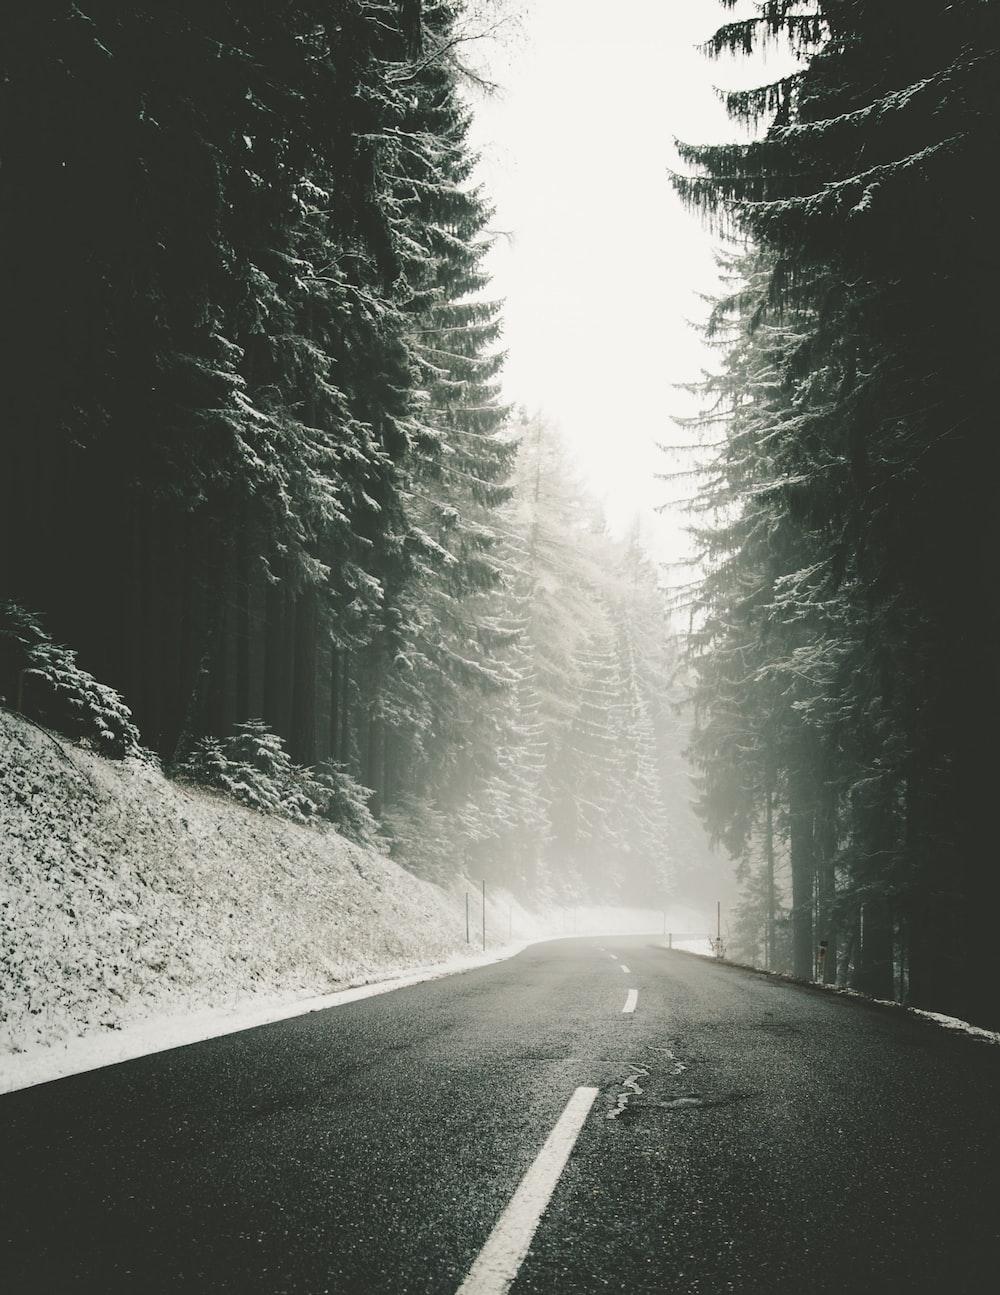 foggy road near trees